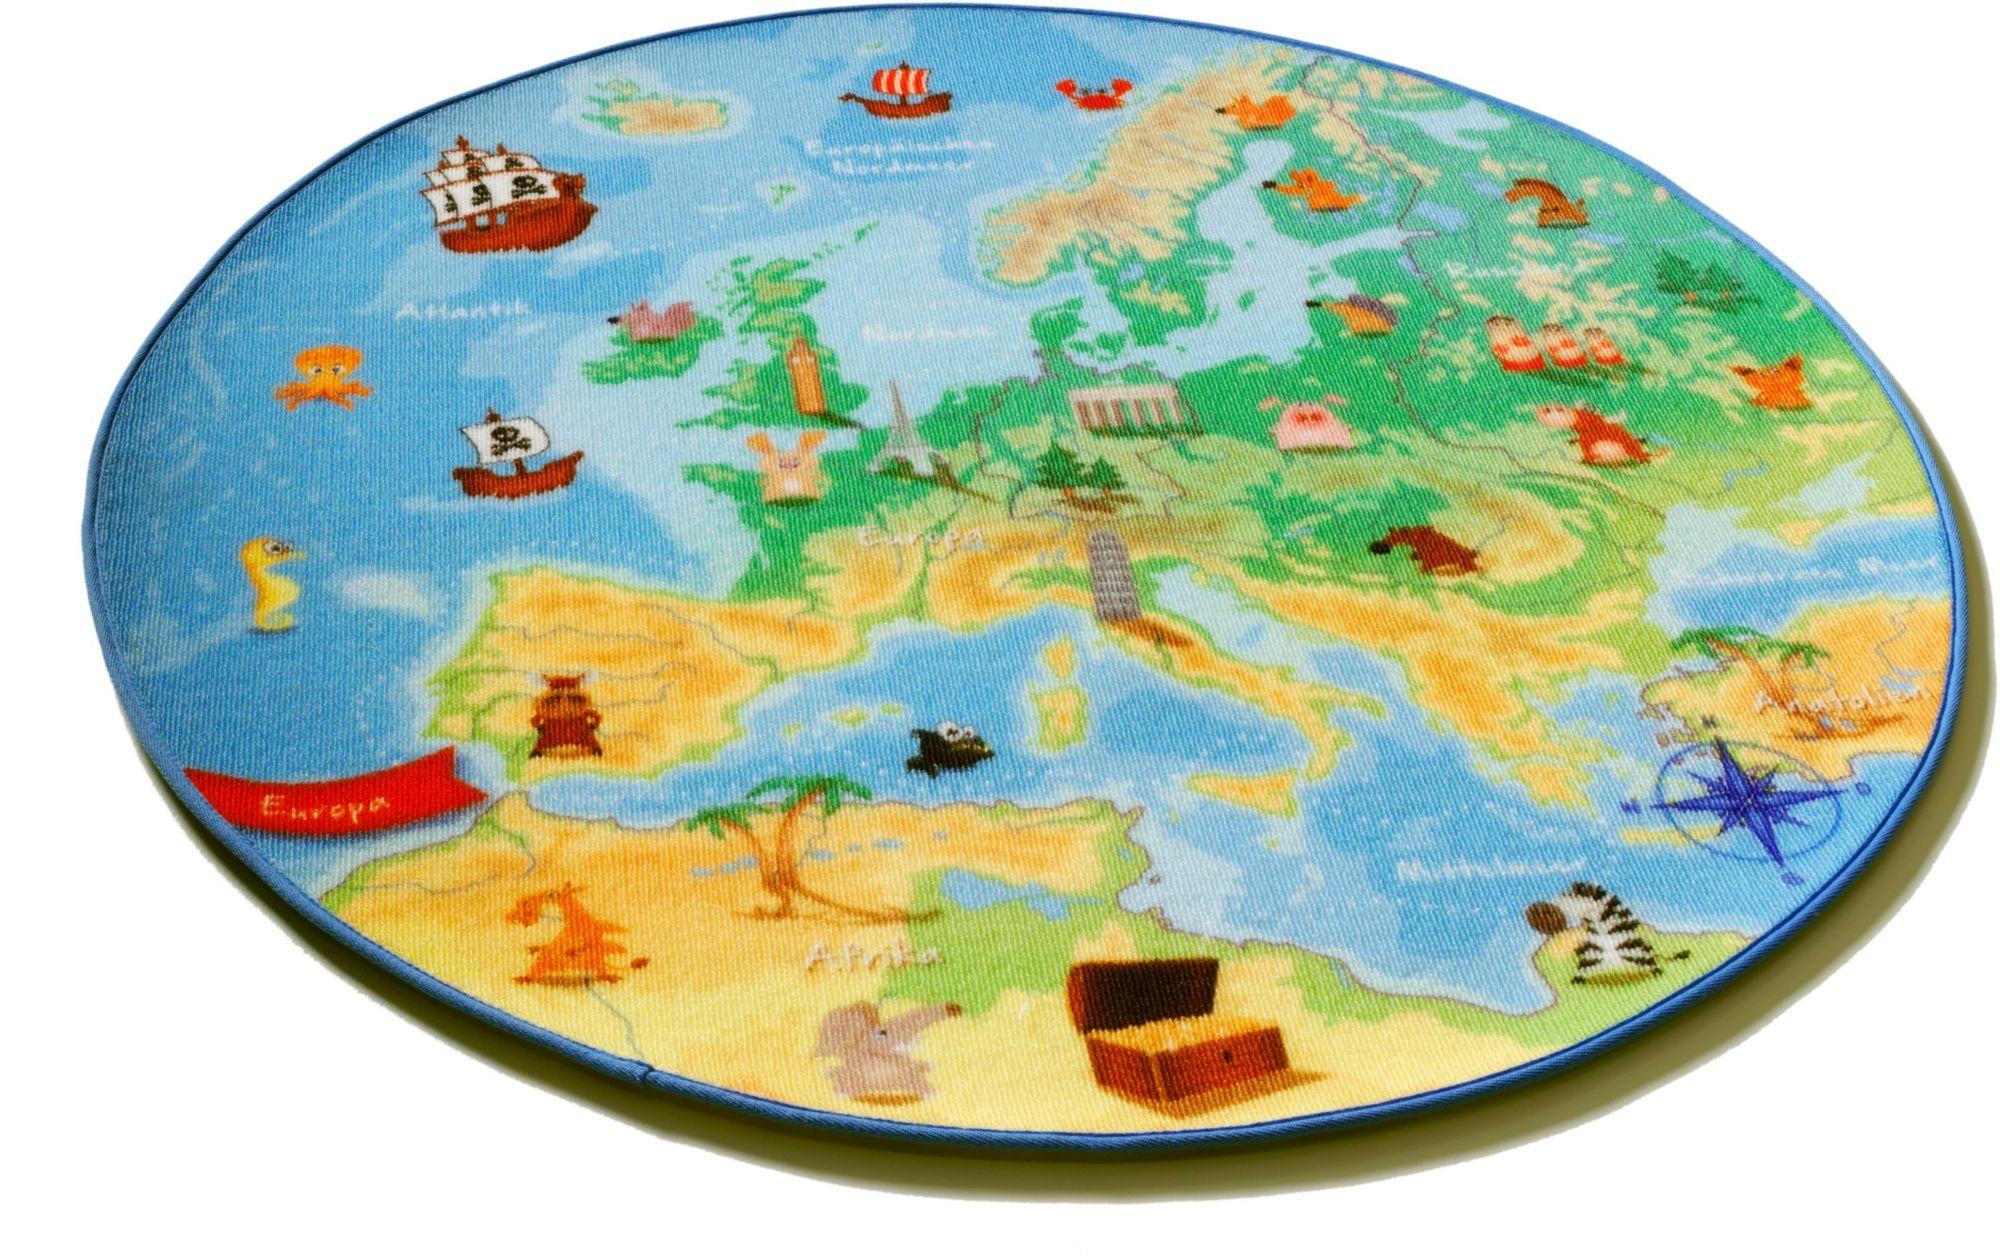 BÖING CARPET Kinder-Teppich, Böing Carpet, Rund, »Europakarte EU-1«